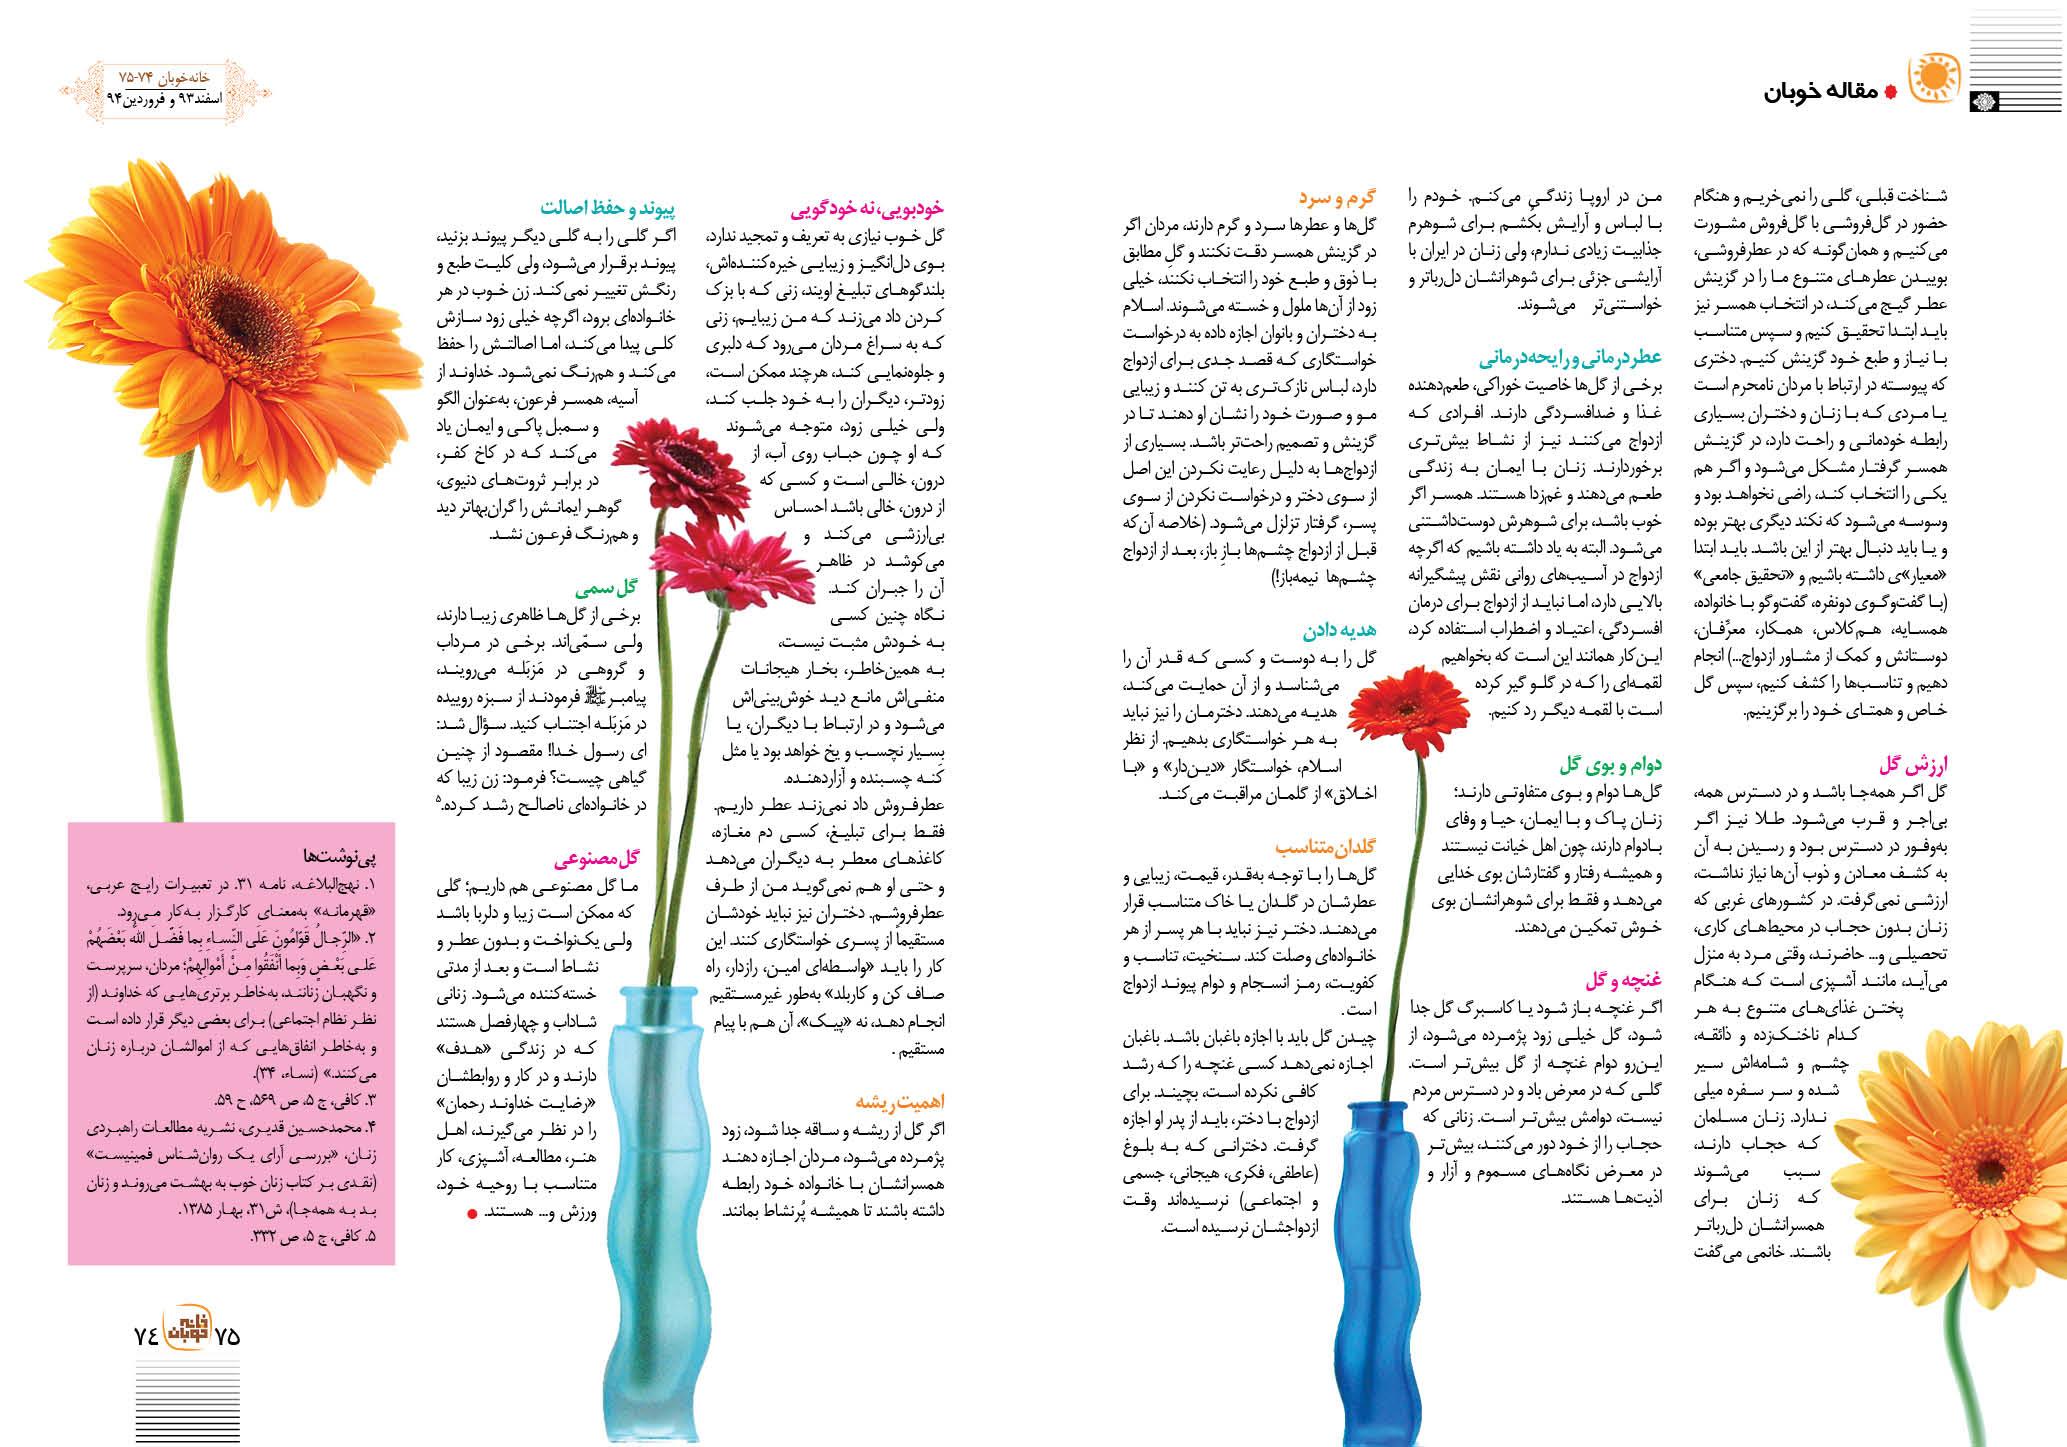 امام خامنه ای: زن گل است